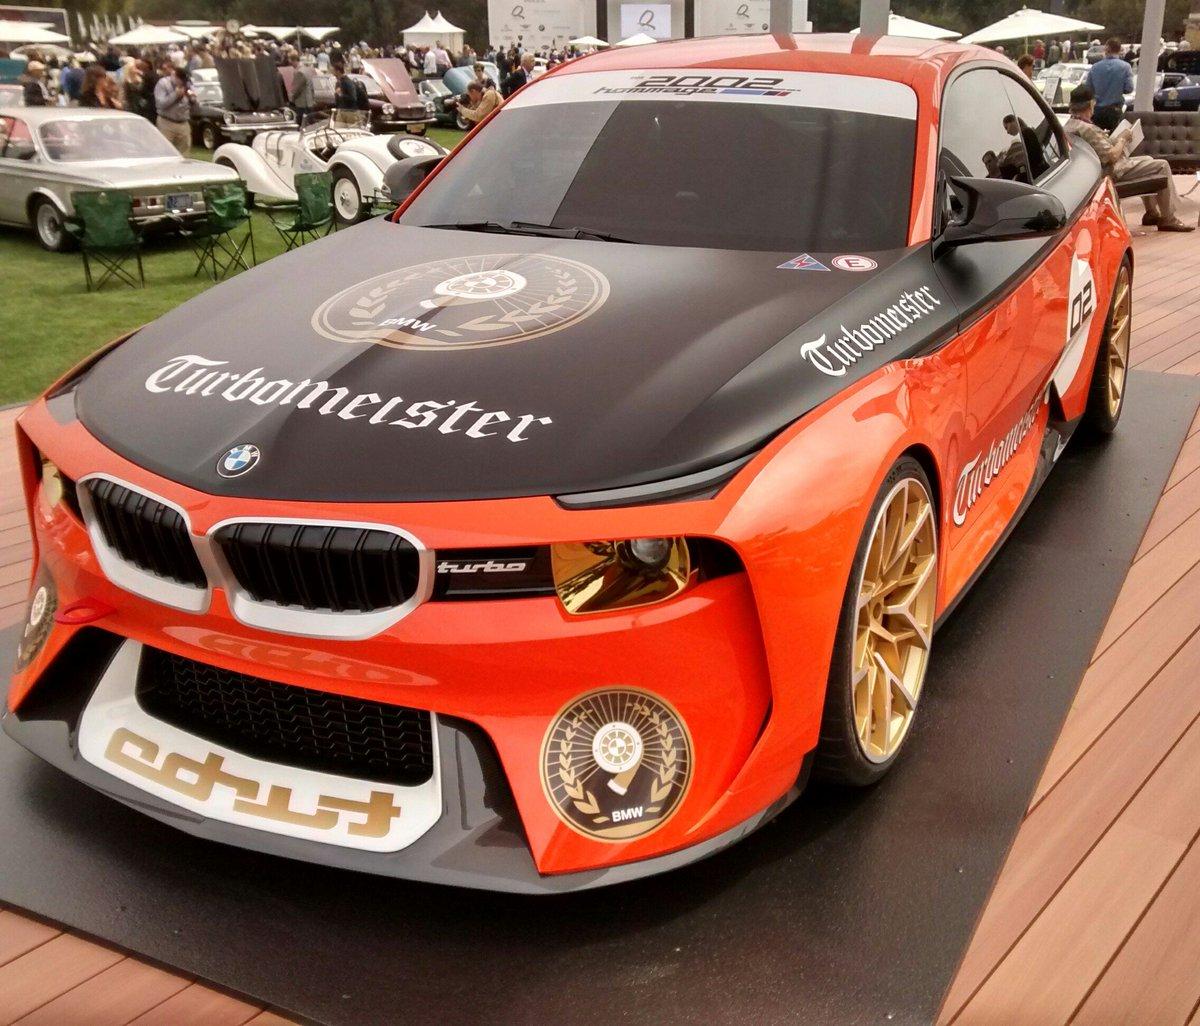 Kuni BMW (@KuniBMW)